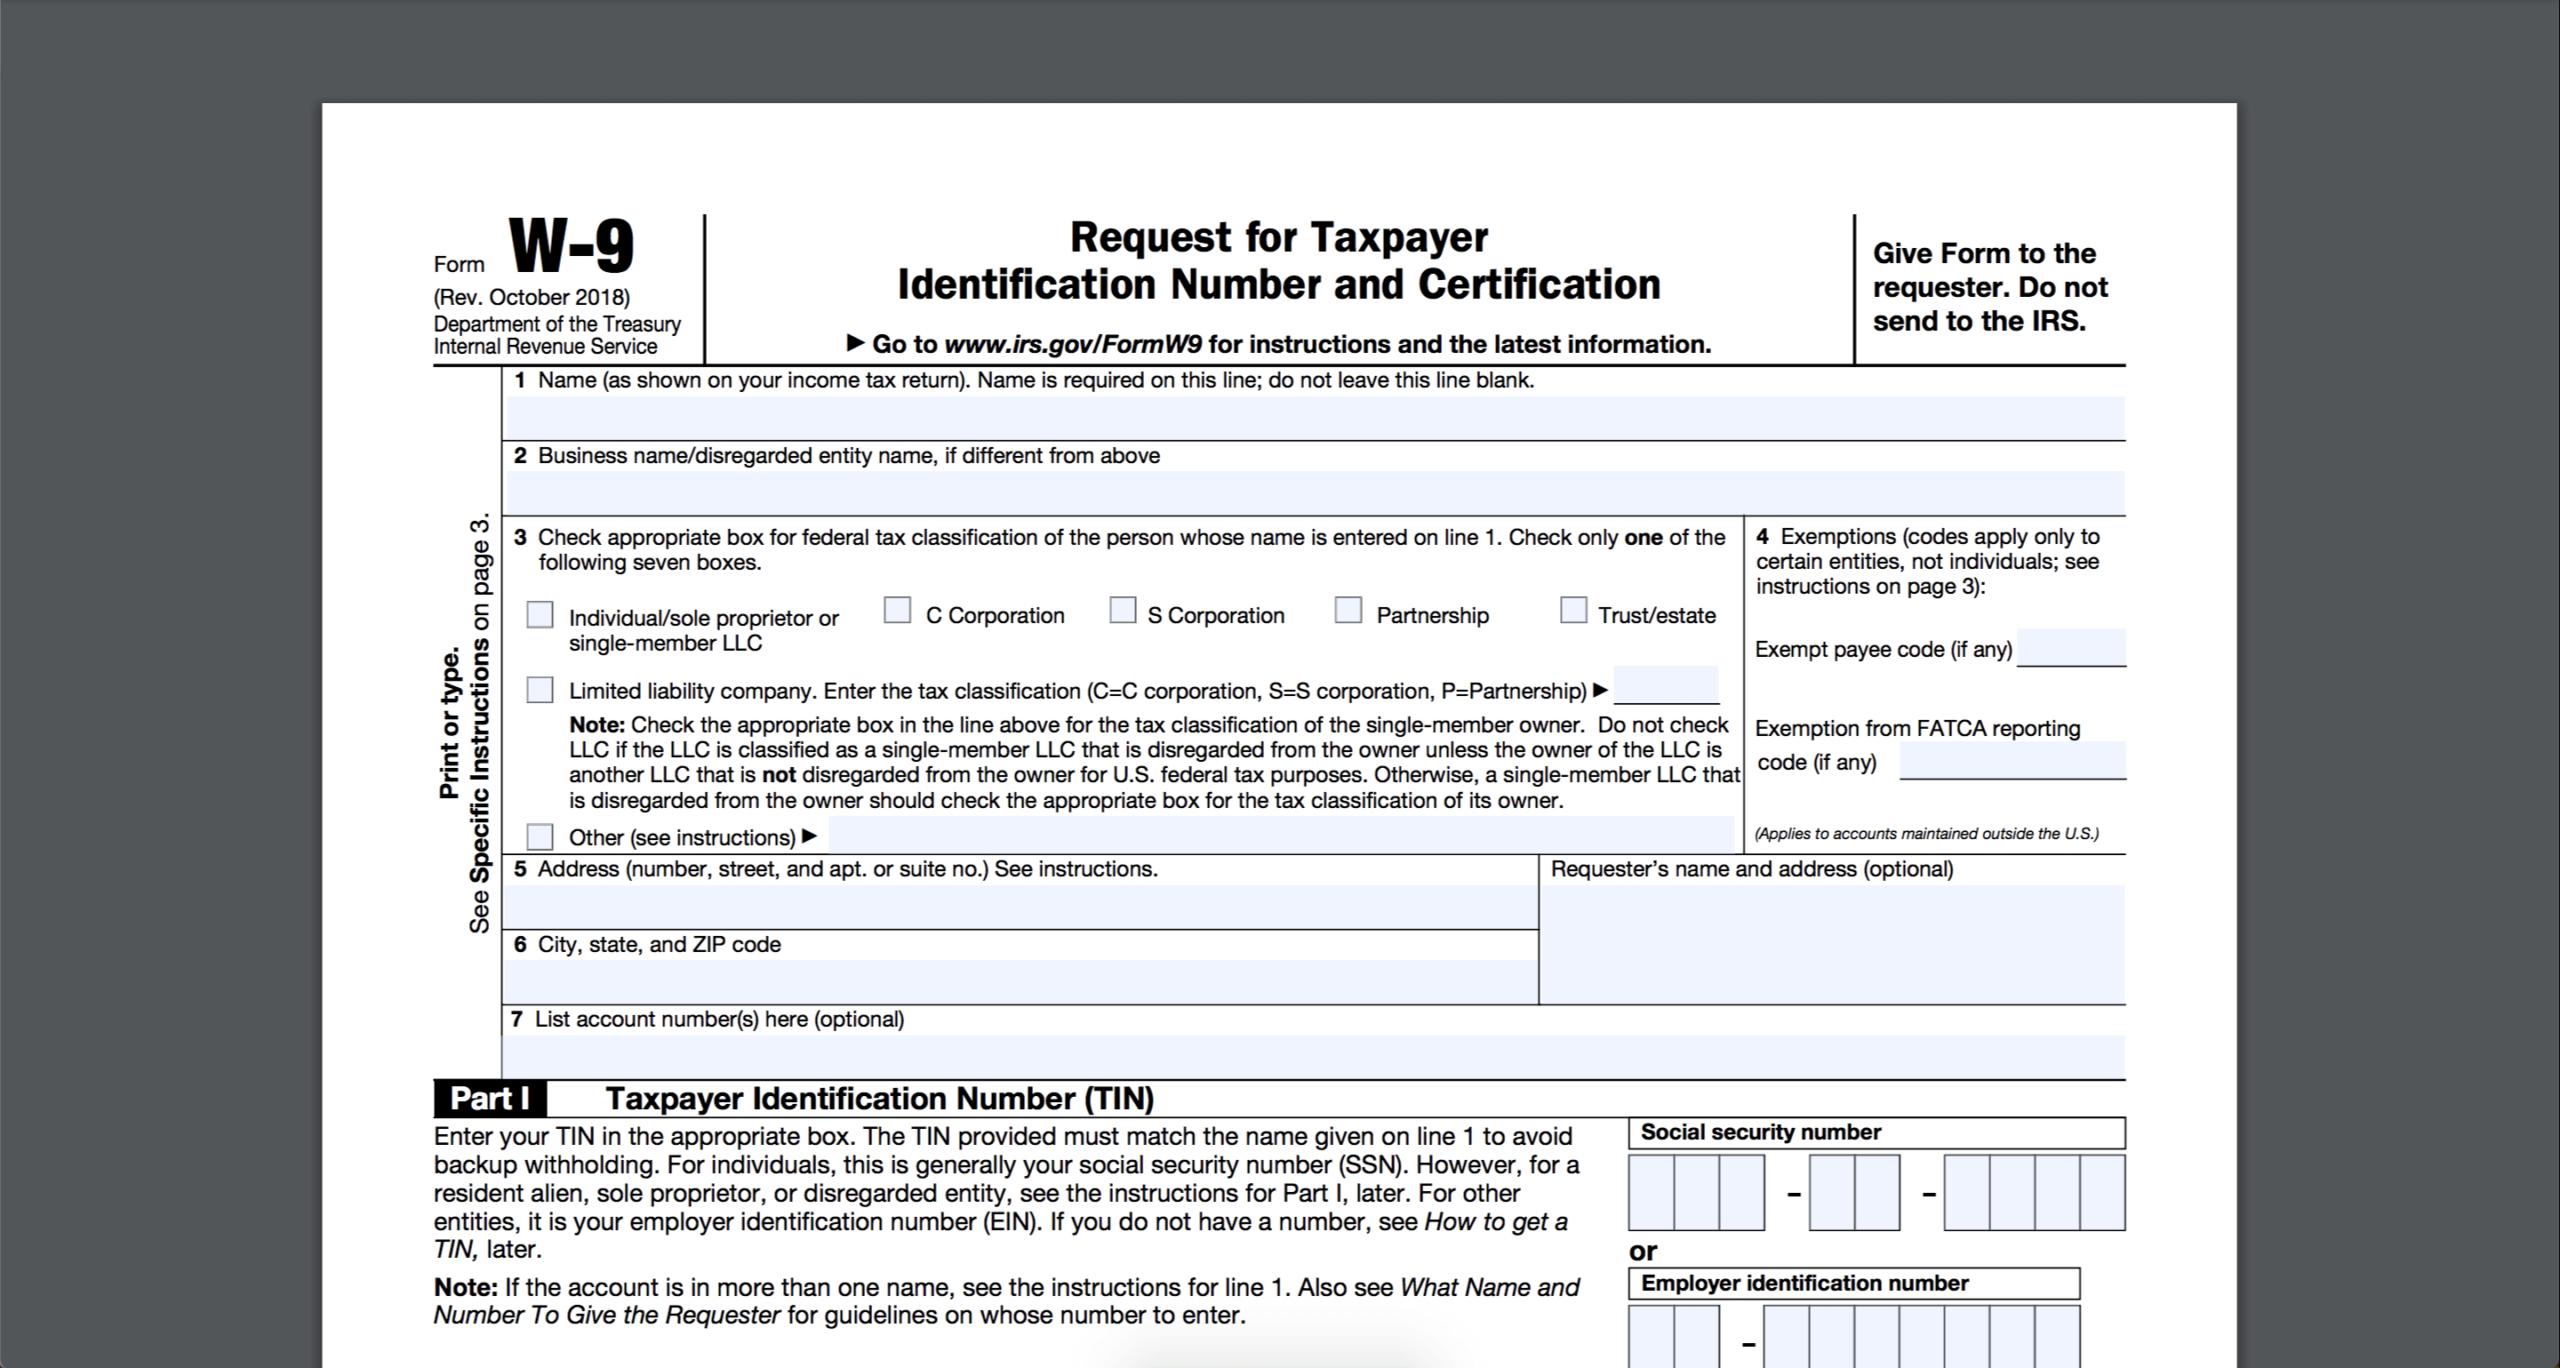 Irs W 9 Form 2021 Printable Pdf